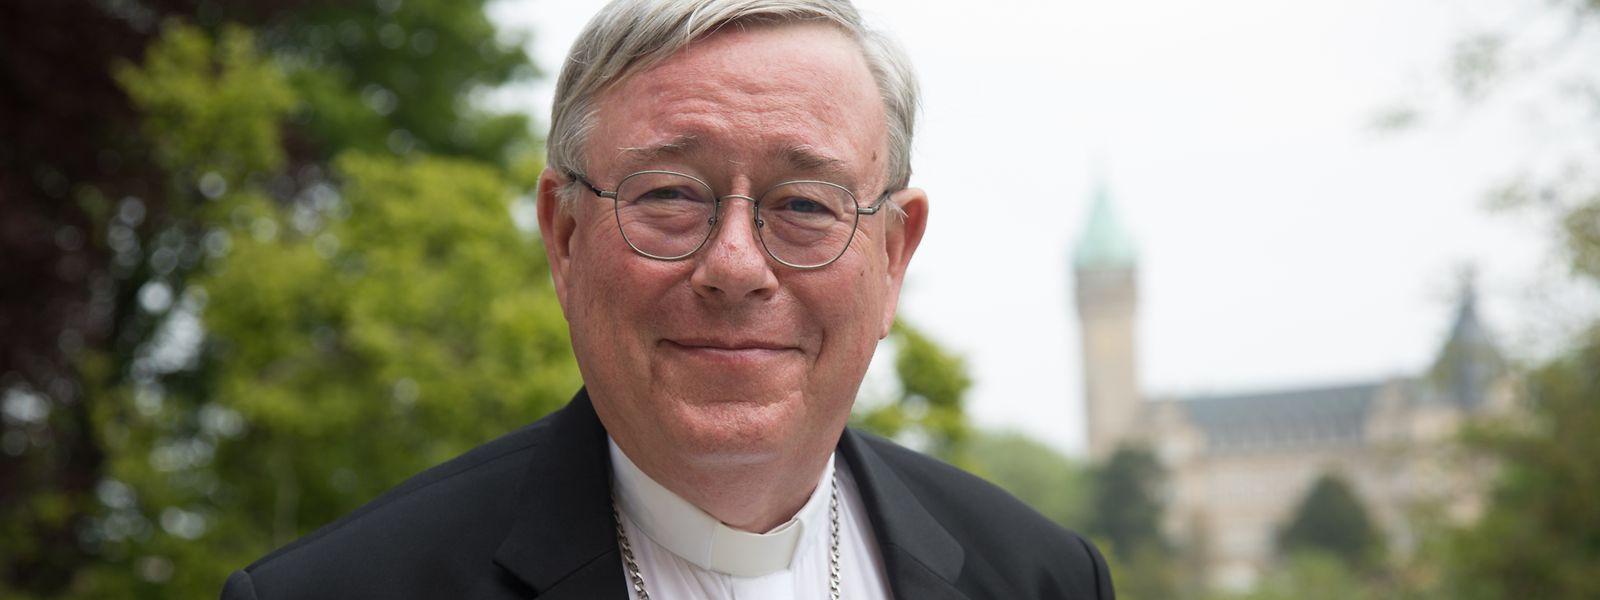 Als Präsident der  Kommission der Bischofskonferenzen der Europäischen Union, Comece, bezieht  Erzbischof Jean-Claude Hollerich klar Position zu den Problemen in der Europäischen Union.